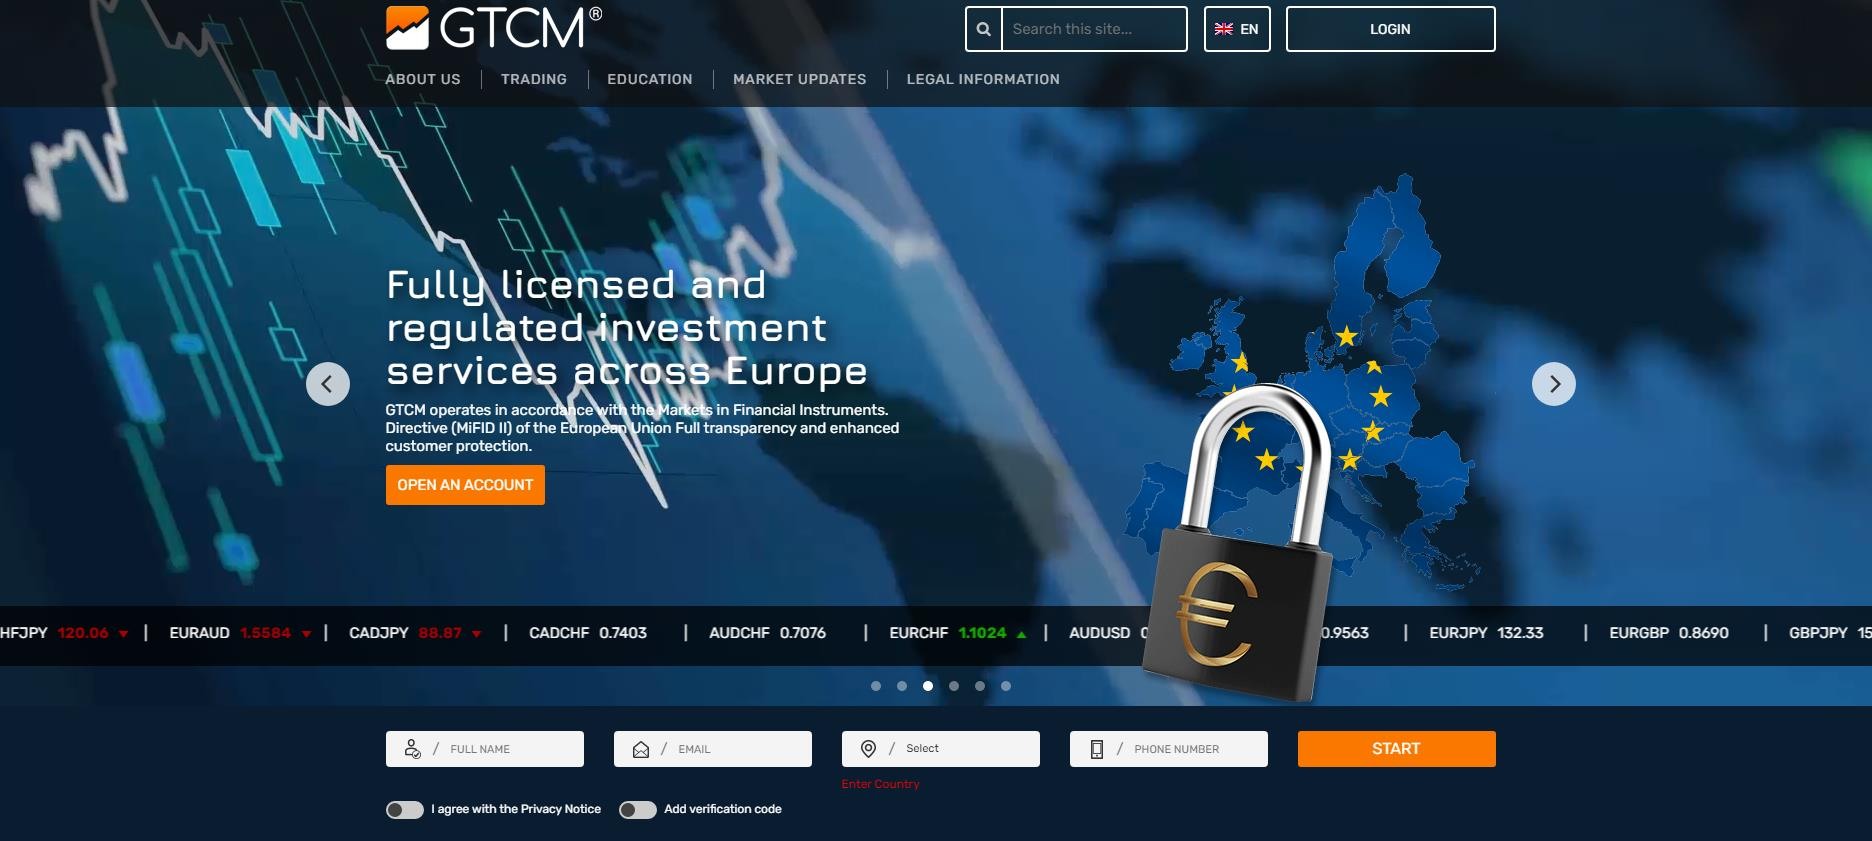 официальный сайт gtcm